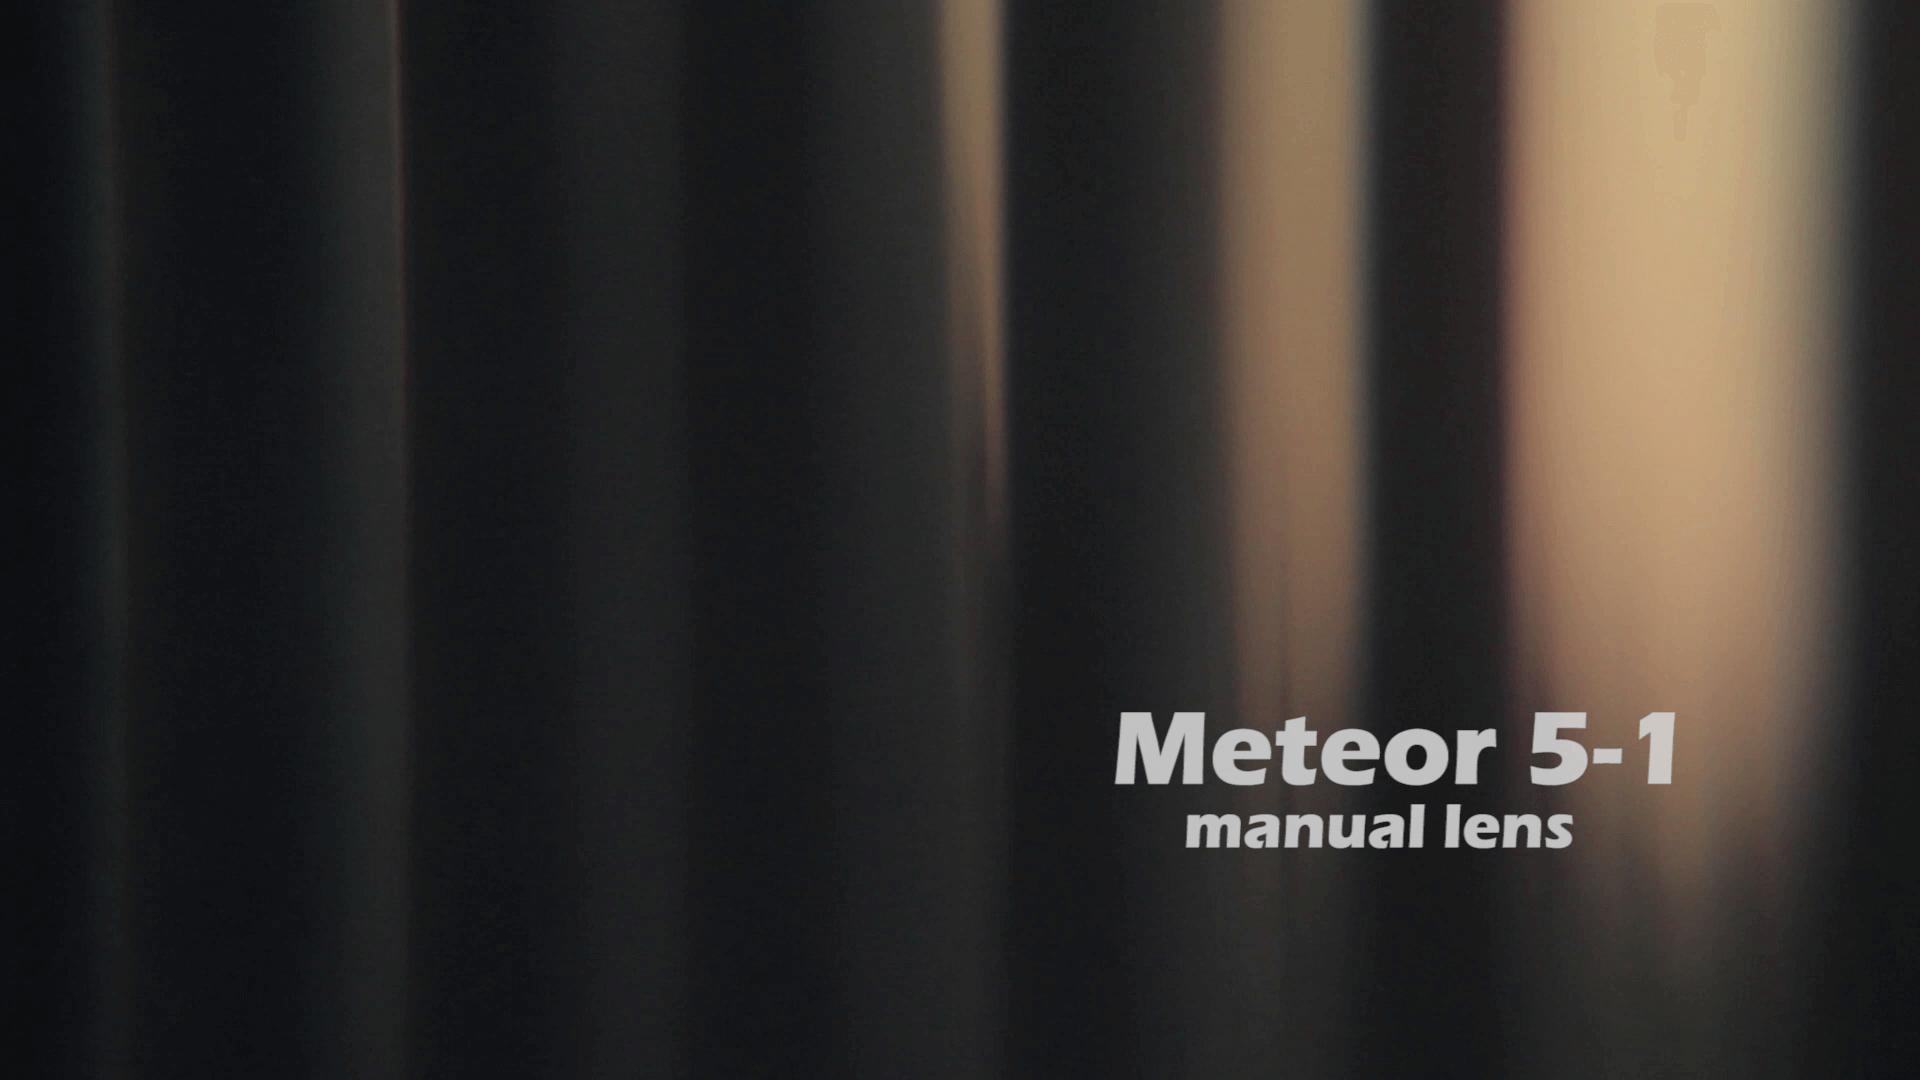 Meteor 5-1